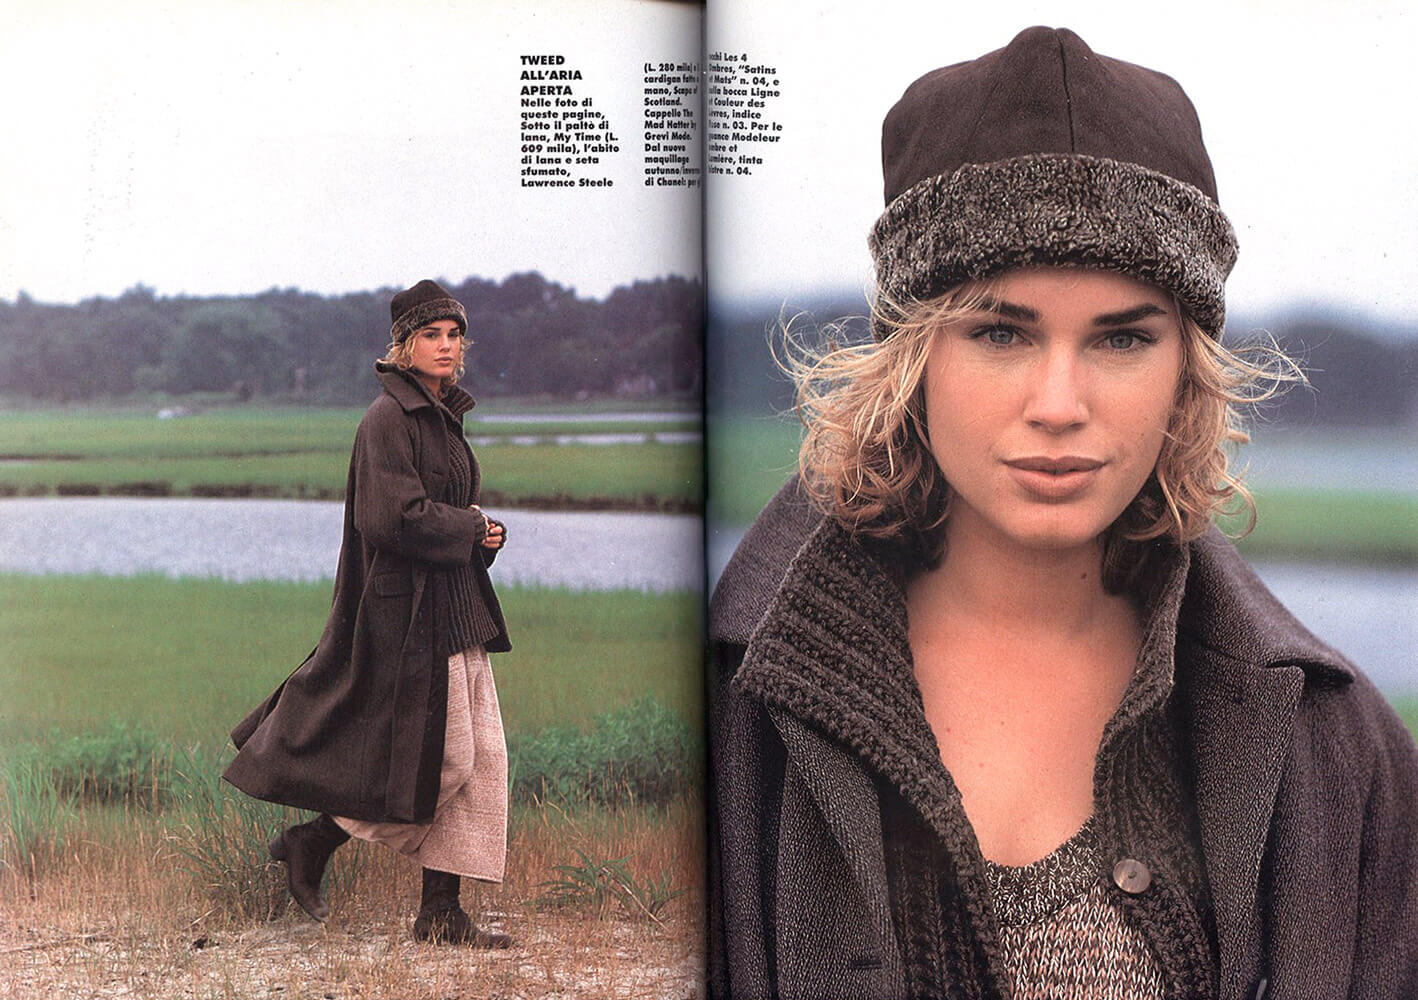 Rebecca-Romijn-ELLE-Italia-September-1994-Grevi-mad-hatter